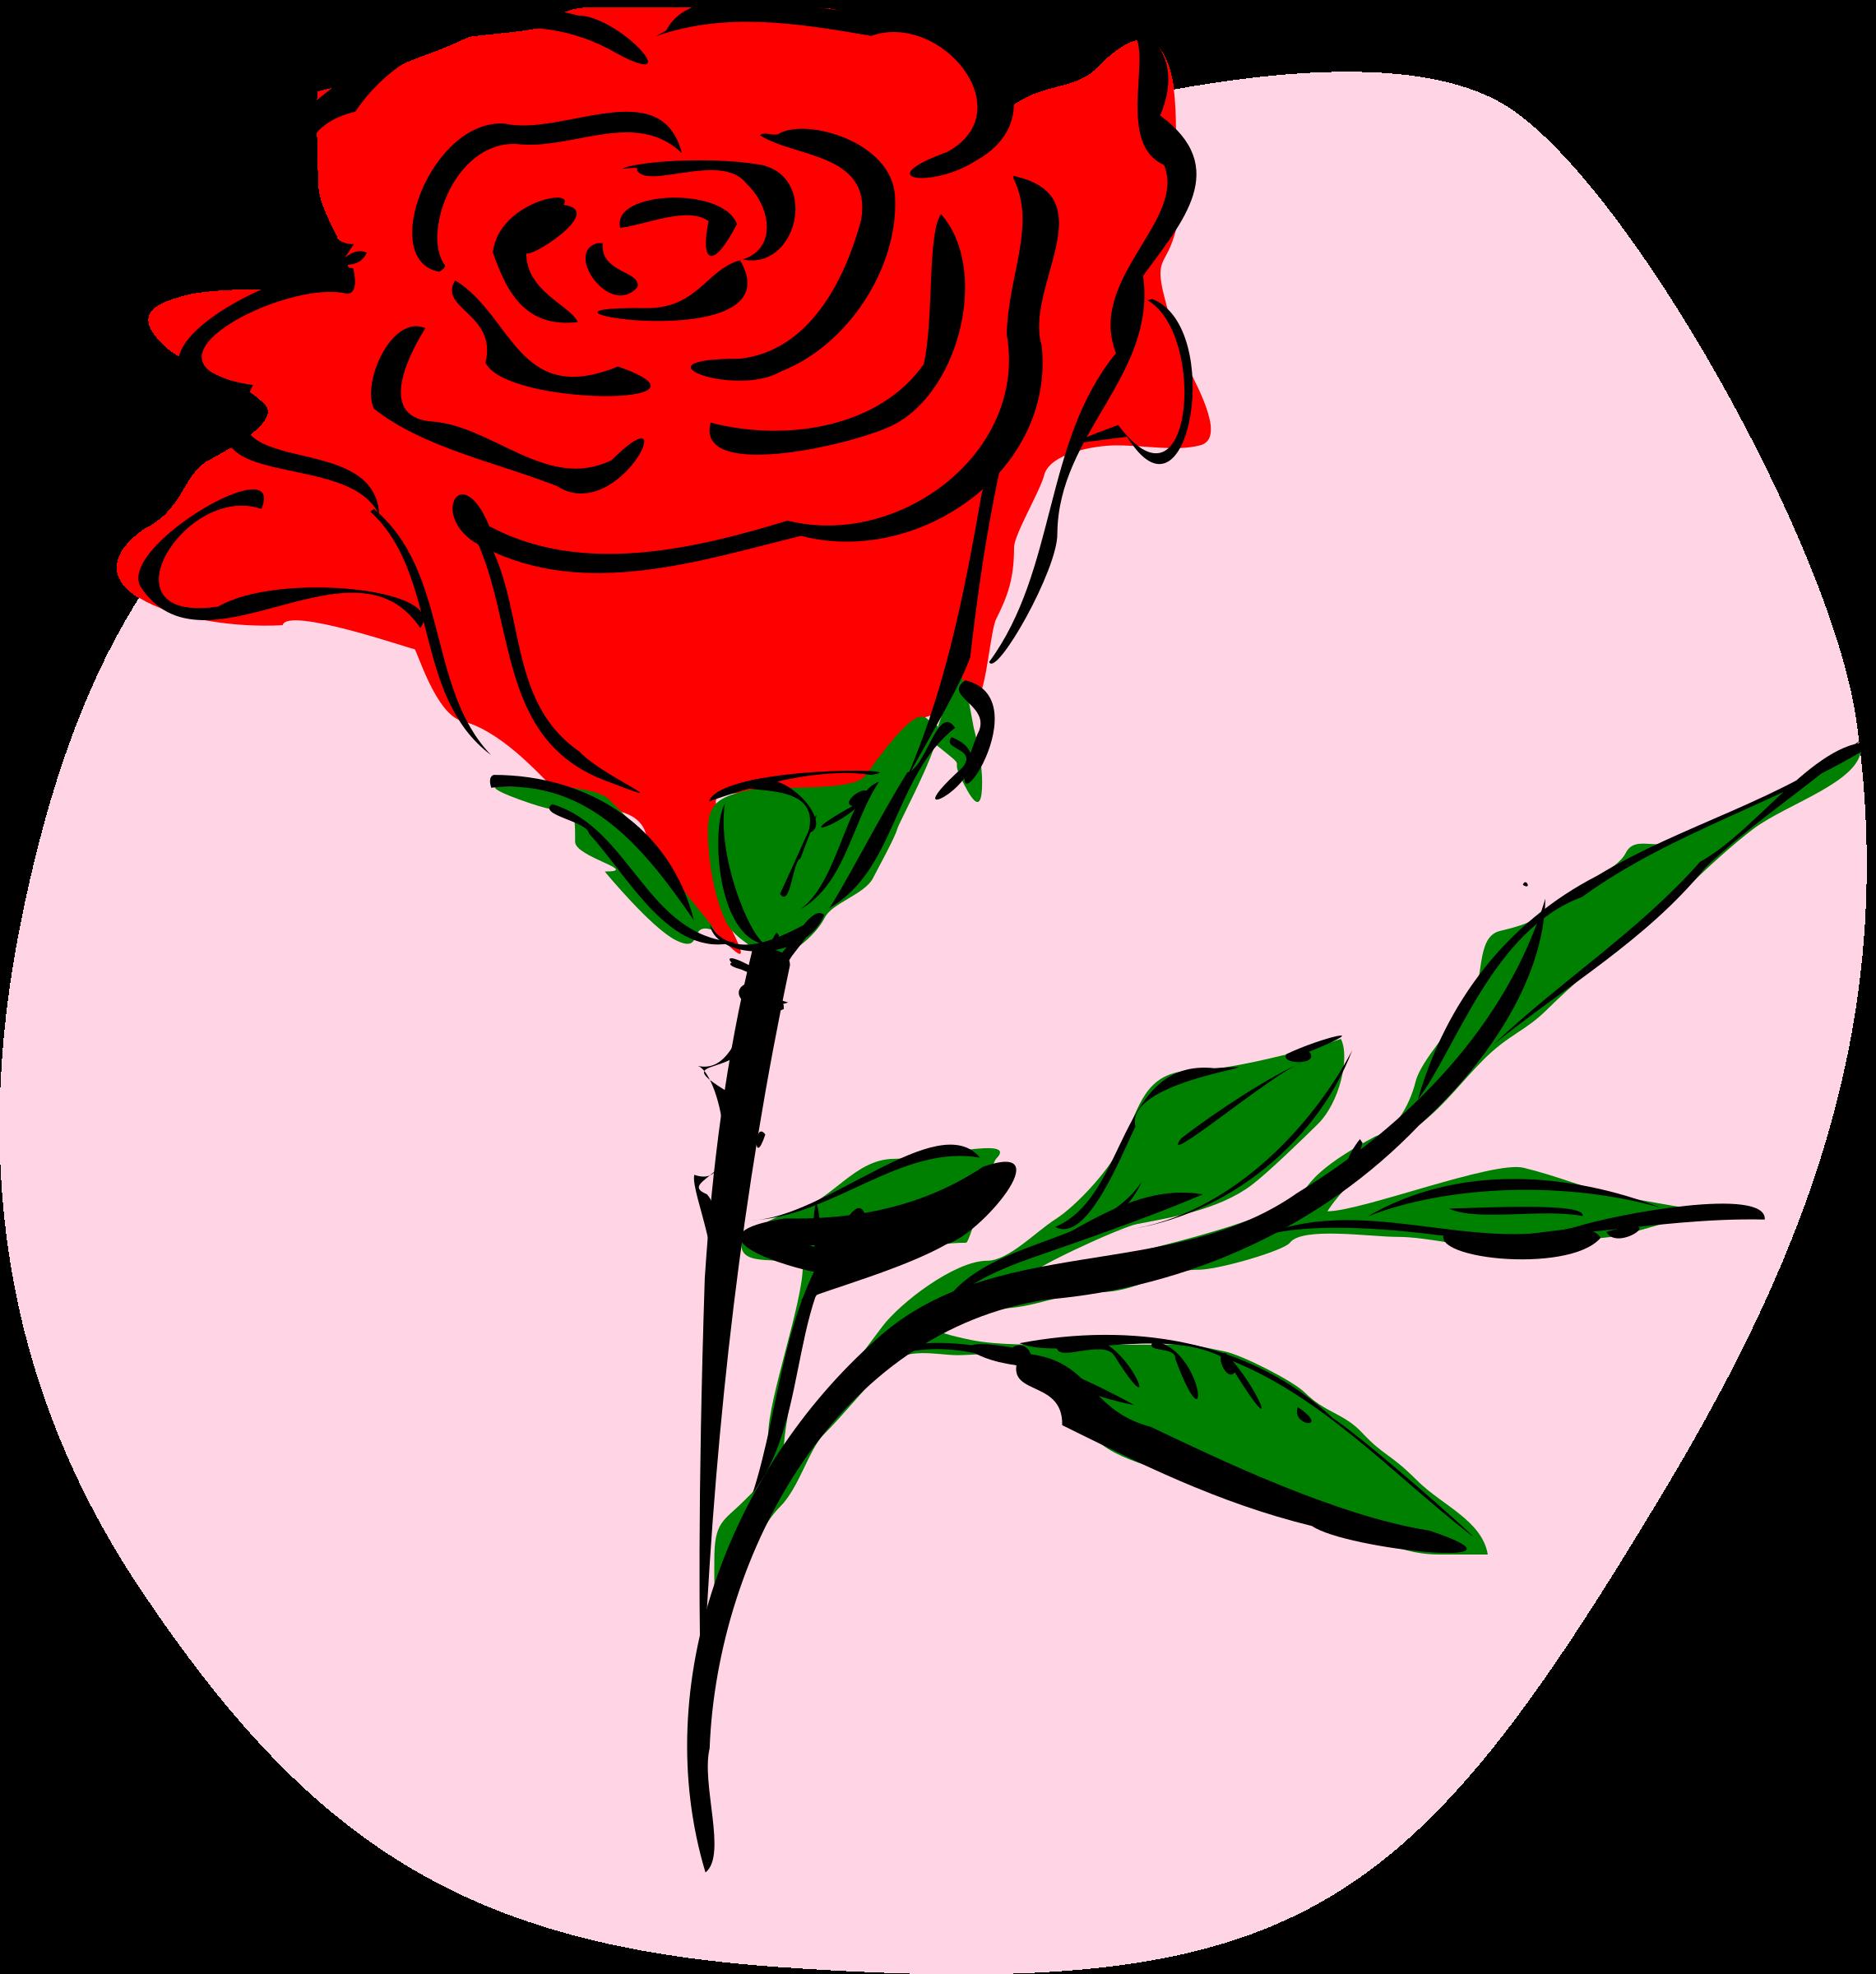 Valentine clipart flower, Valentine flower Transparent FREE.